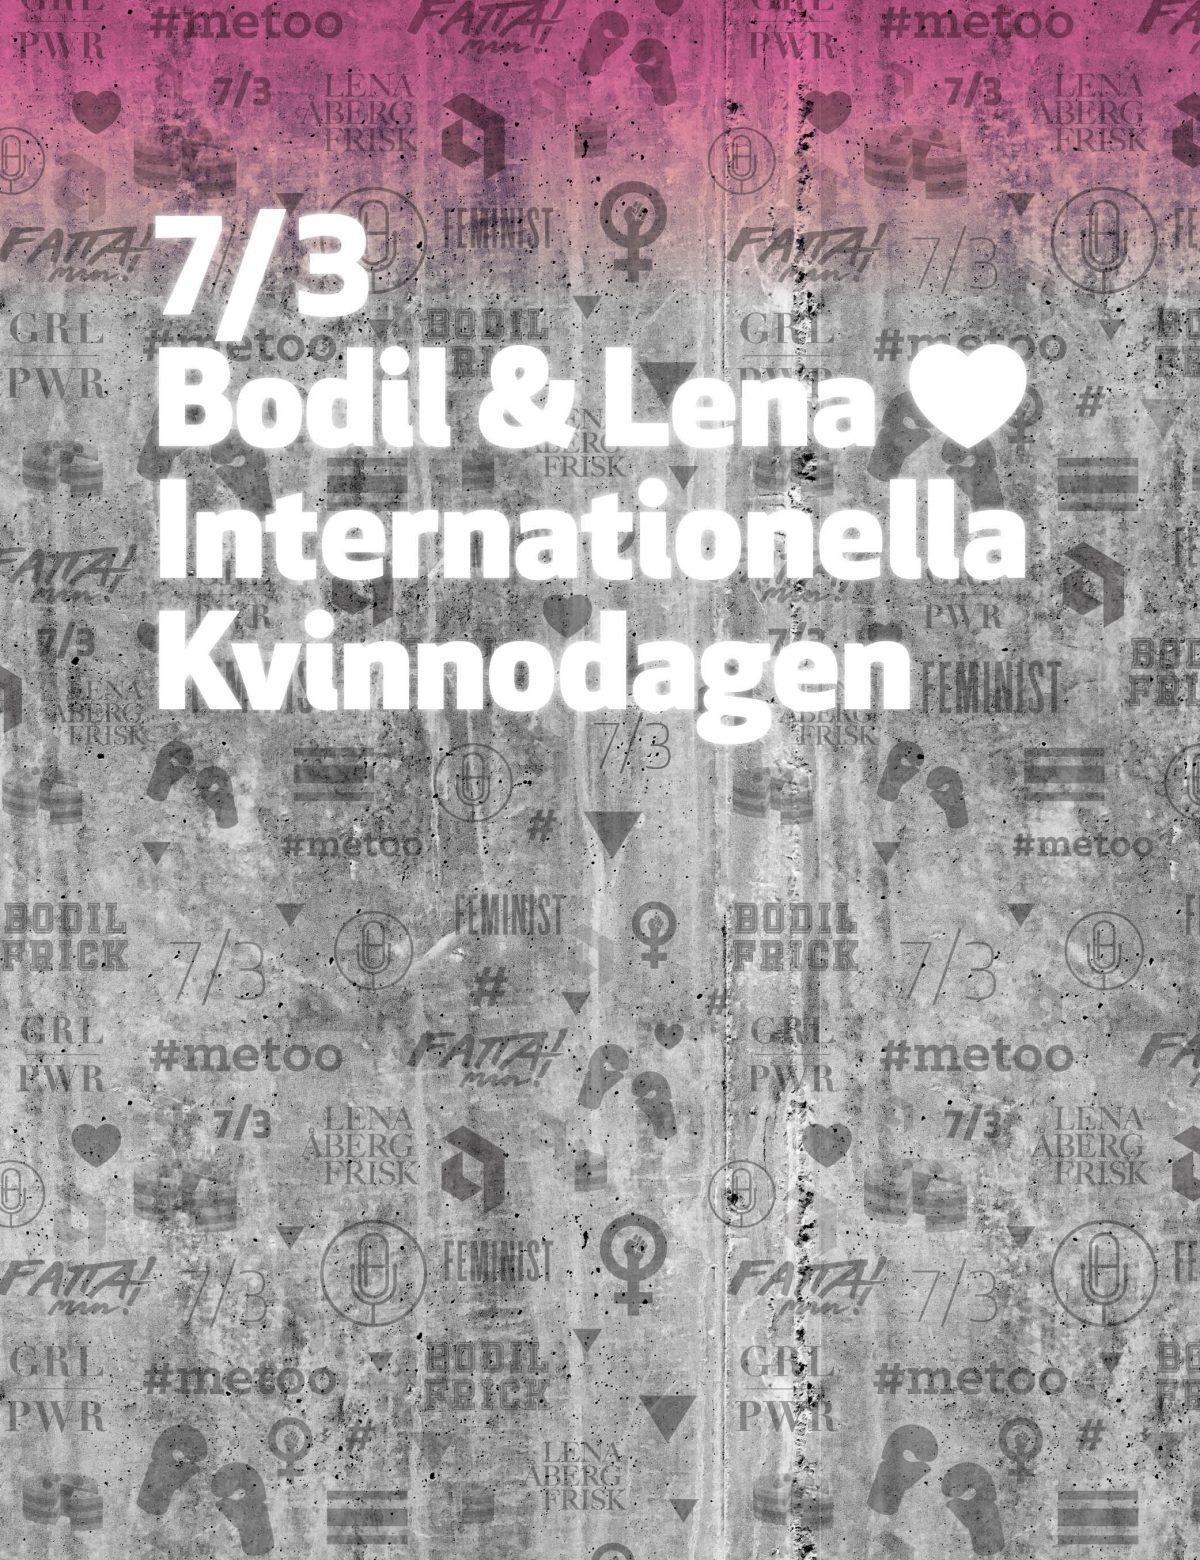 Bodil & Lena